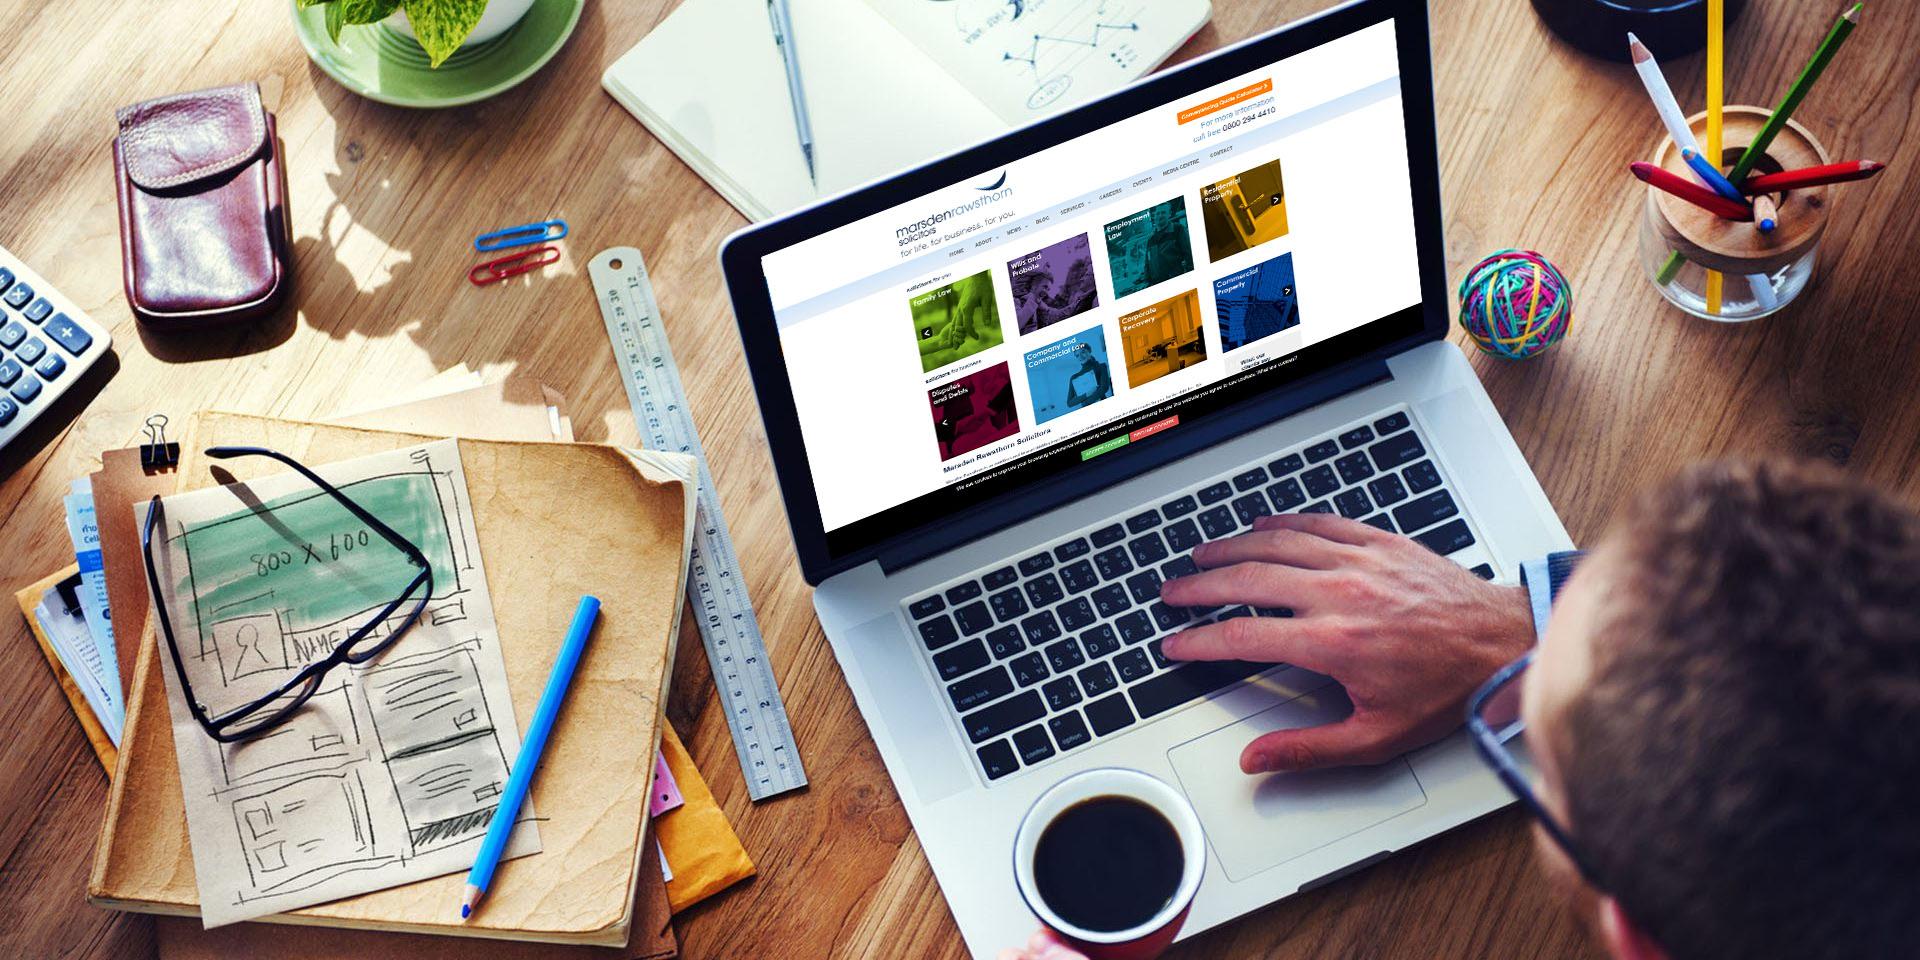 marsden-rawsthorn-website-design-thule-media